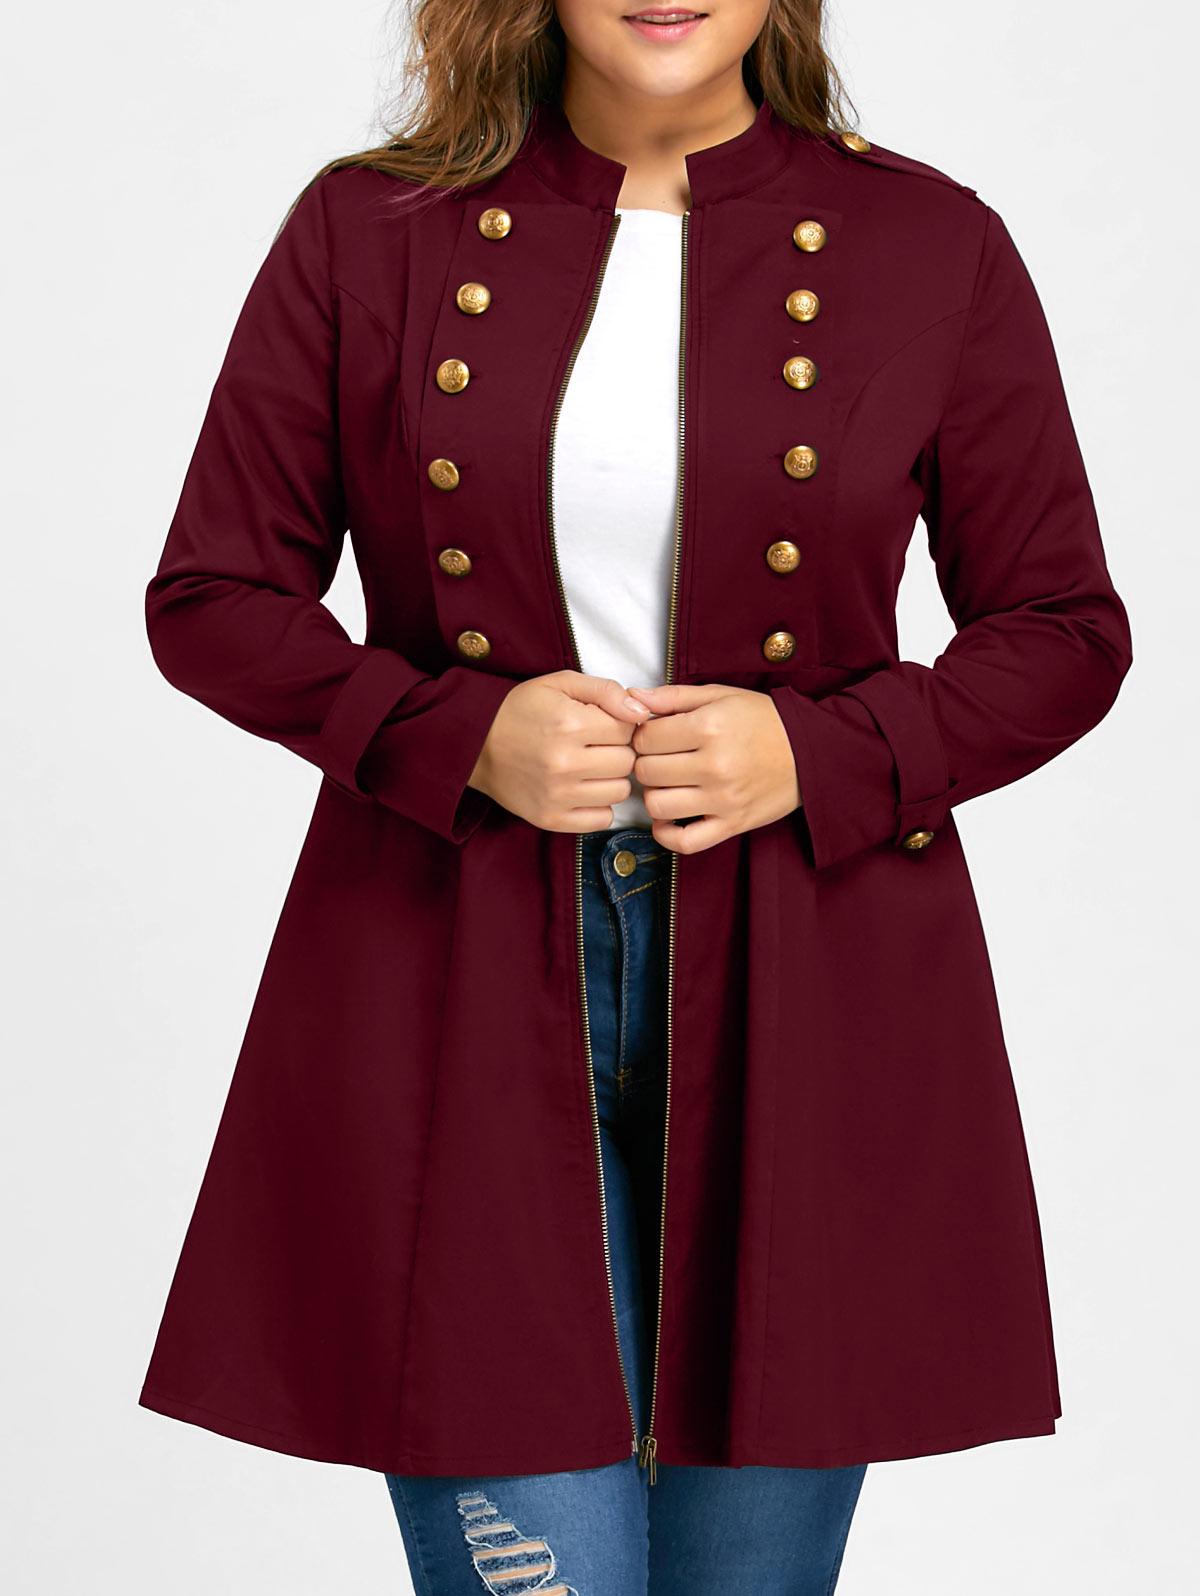 Gamiss frauen winter mode Zweireiher Flare Mantel Mädchen Große Größe Übergroßen Schwarz Metall Taste Graben Plus Größe XL-5XL